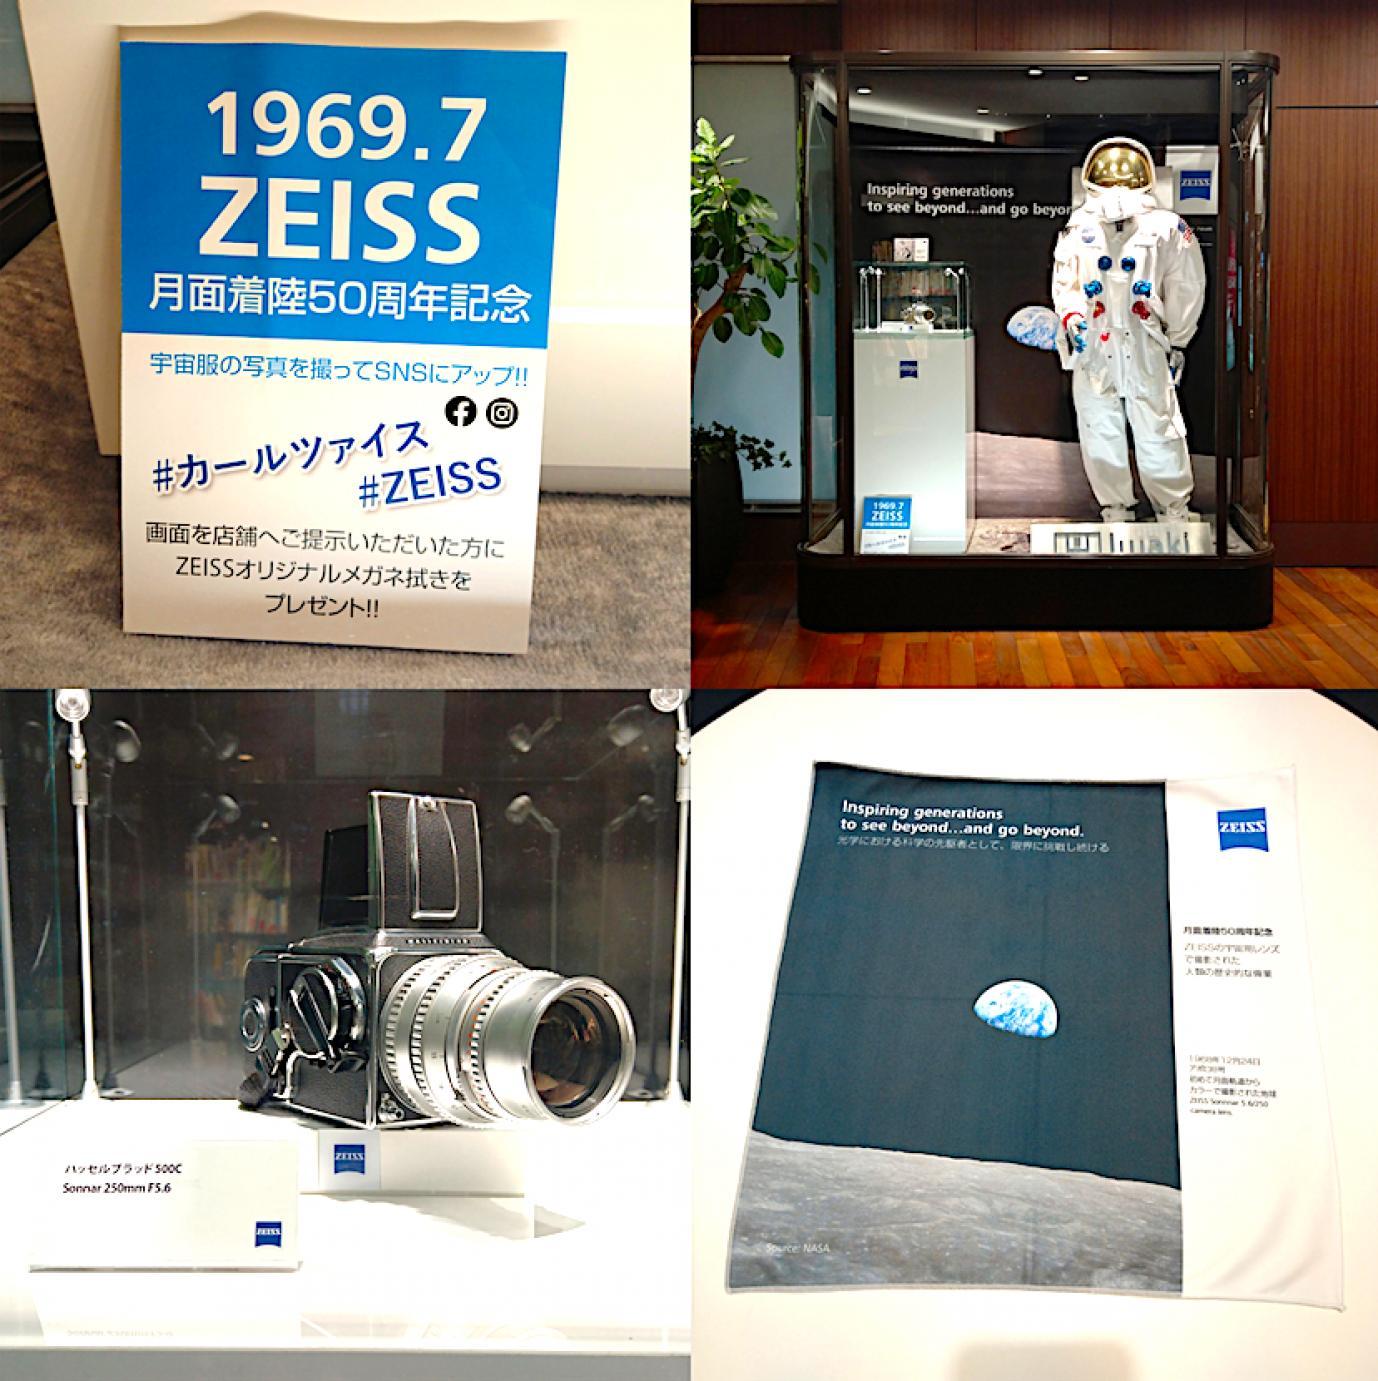 <六本木ヒルズ店>ZEISS 50周年キャンペーン実施中